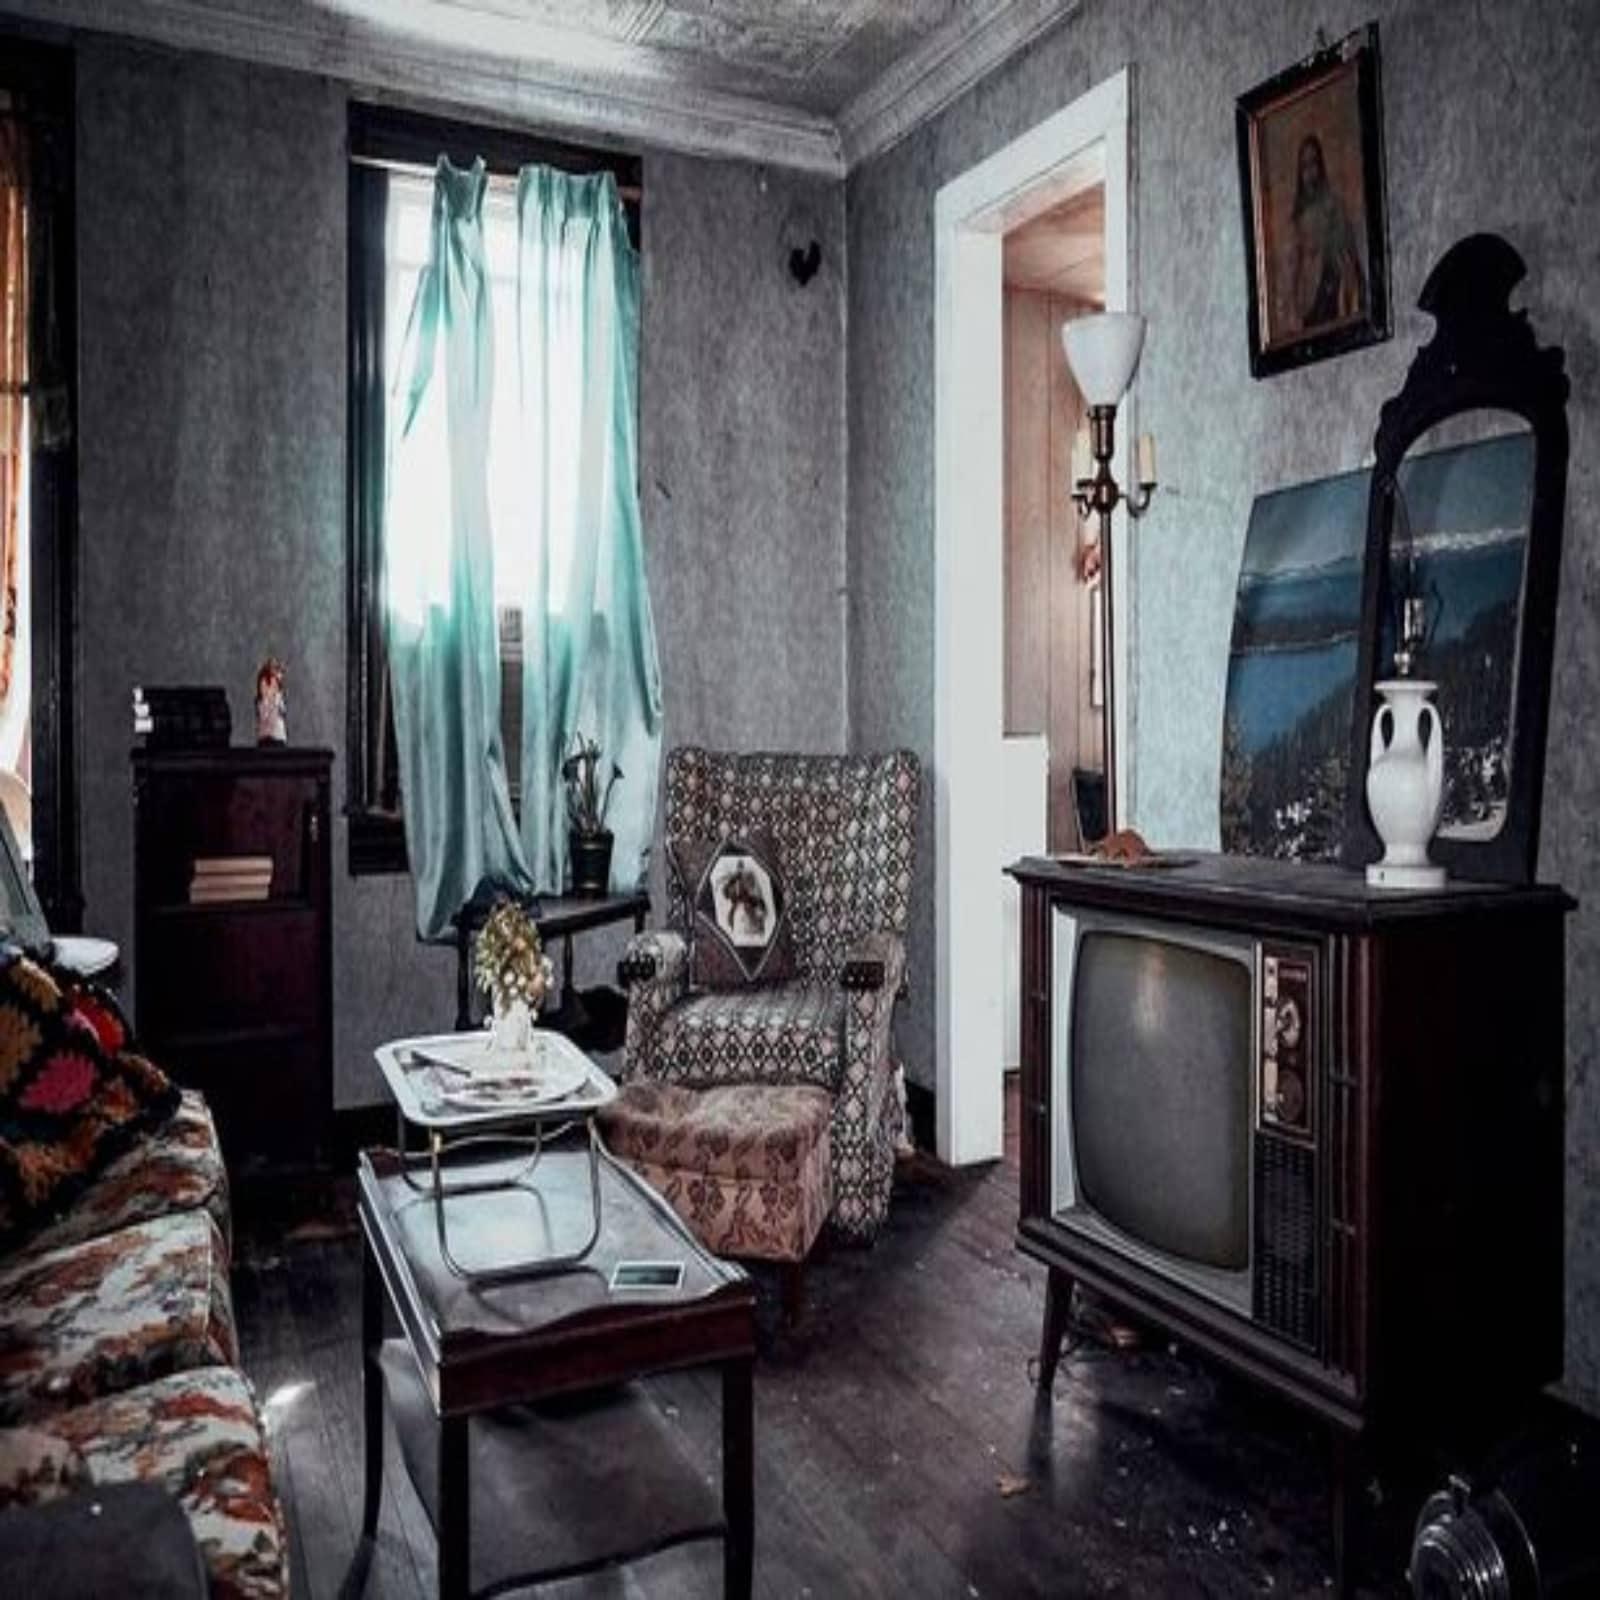 घर का लिविंग रूम इतने सालों के बाद भी अनछुआ था. कमरे में एक टीवी लगा था. साथ ही सोफे के आगे टेबल पर गुलदस्ता सजाया हुआ था.